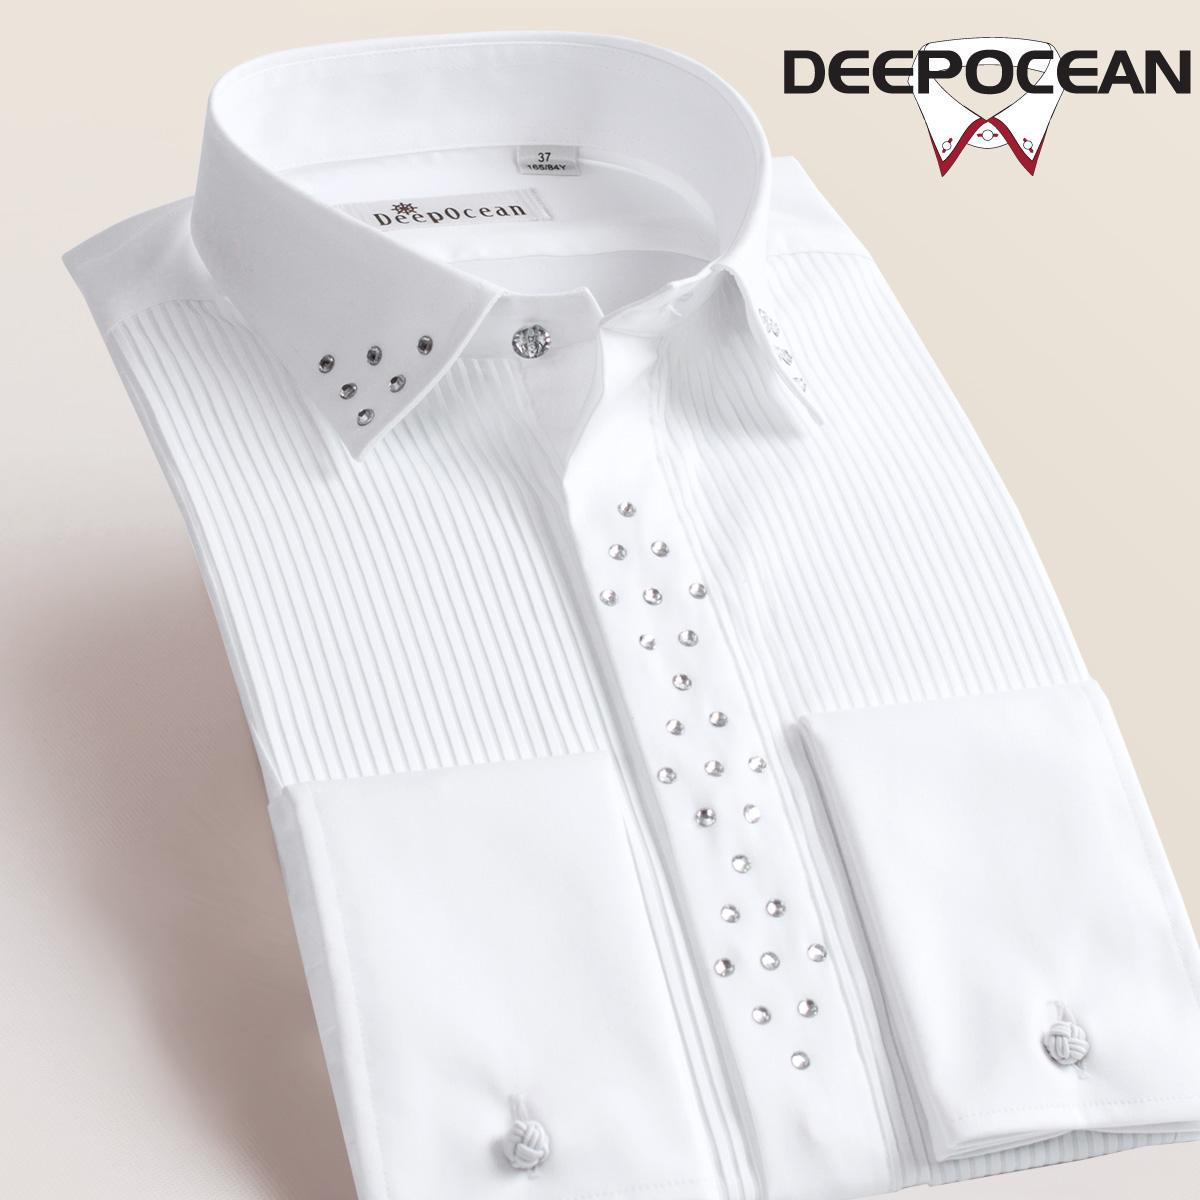 宴会法式衬衫男士长袖衬衣丝光纯棉修身韩版帅气新郎白色礼服结婚